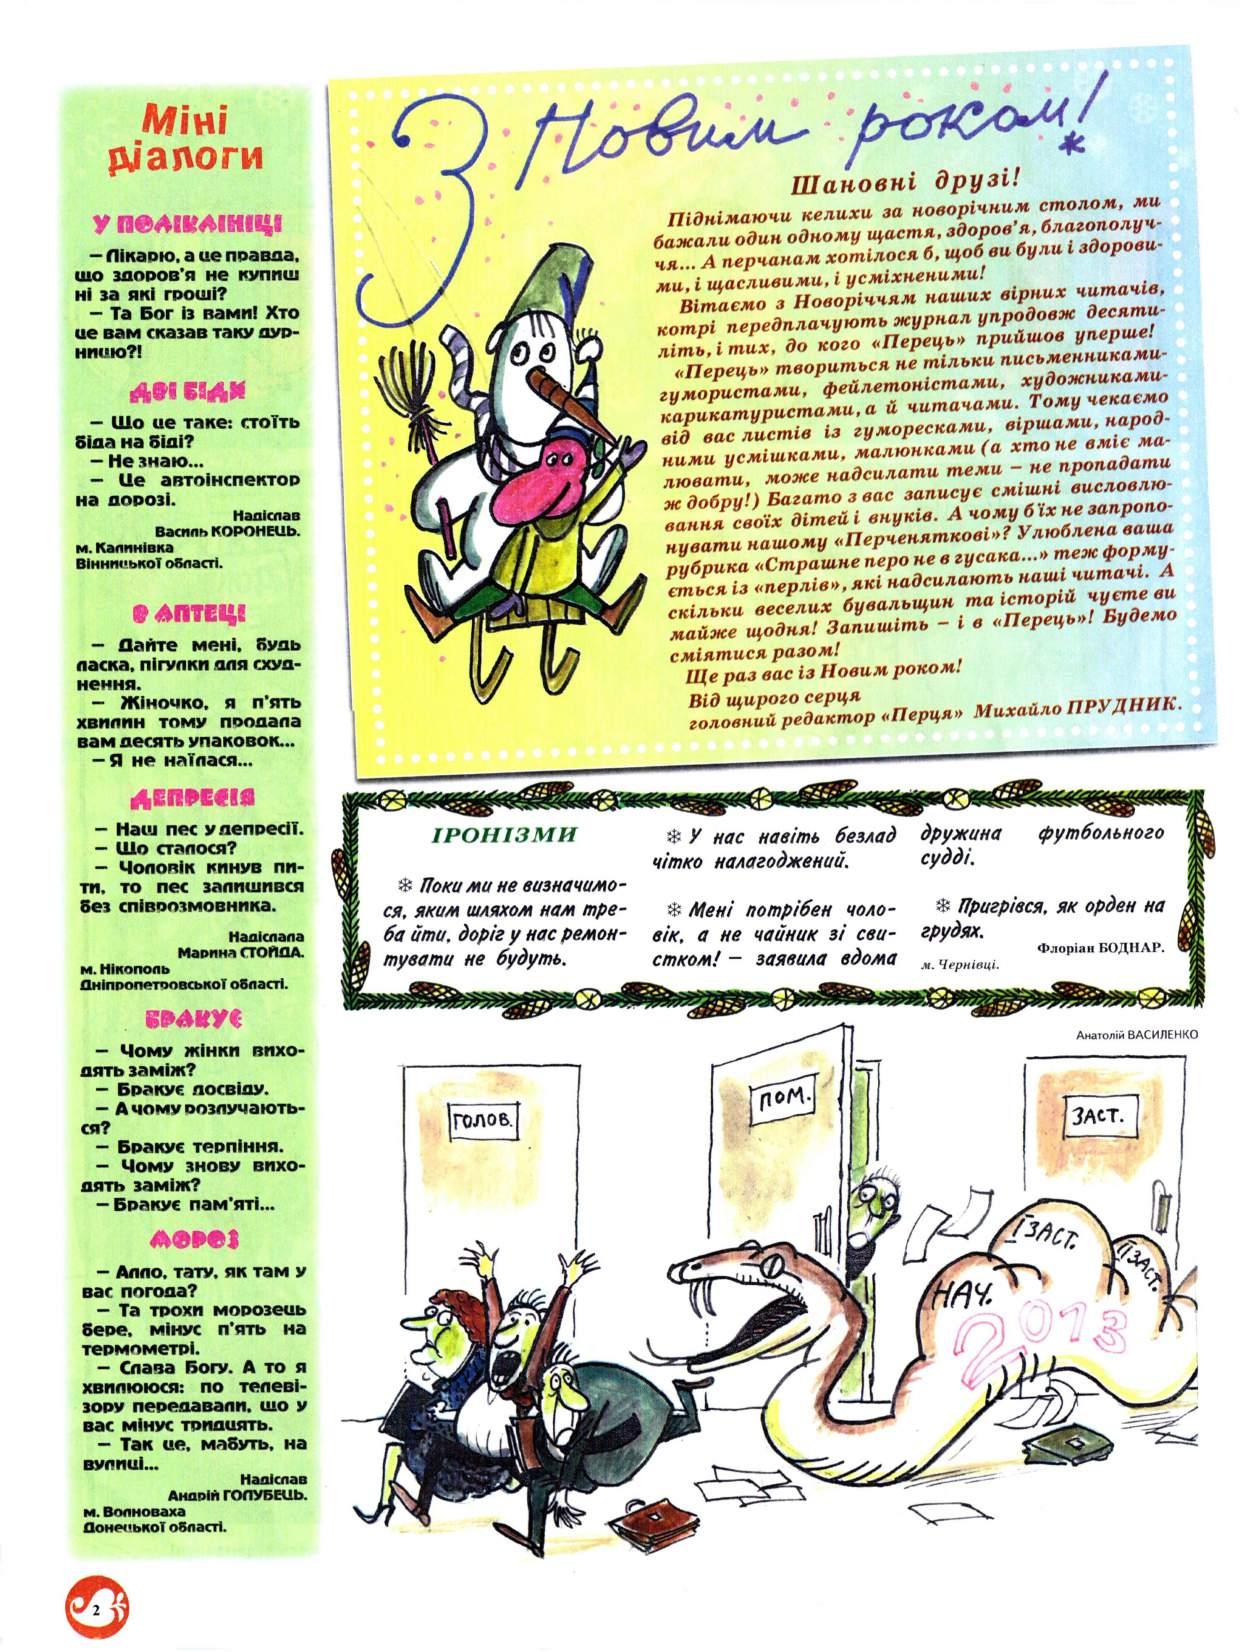 Журнал перець 2013 №01